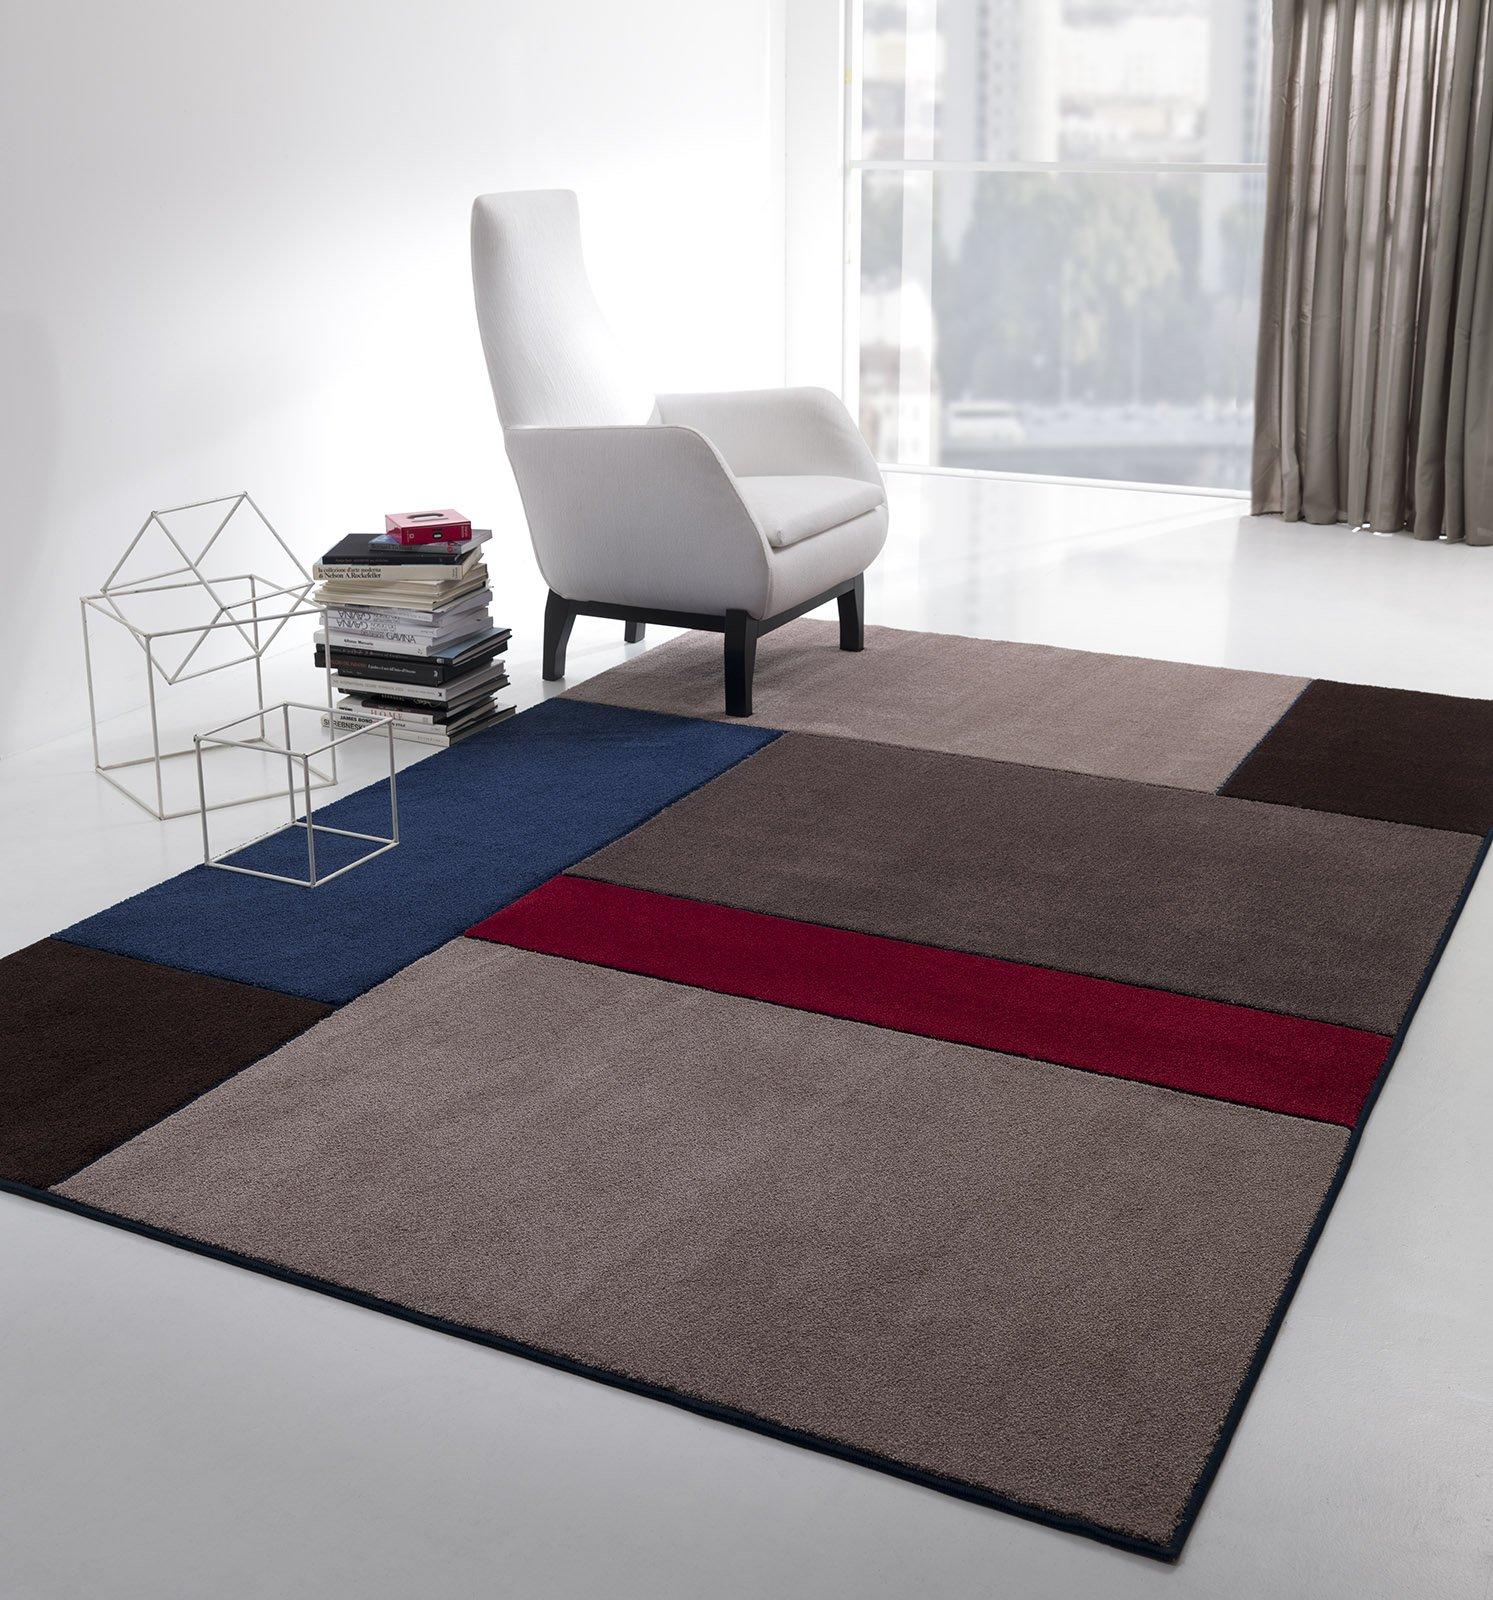 design contemporaneo per moquette e tappeti naturali e anallergici cose di casa On moquette design